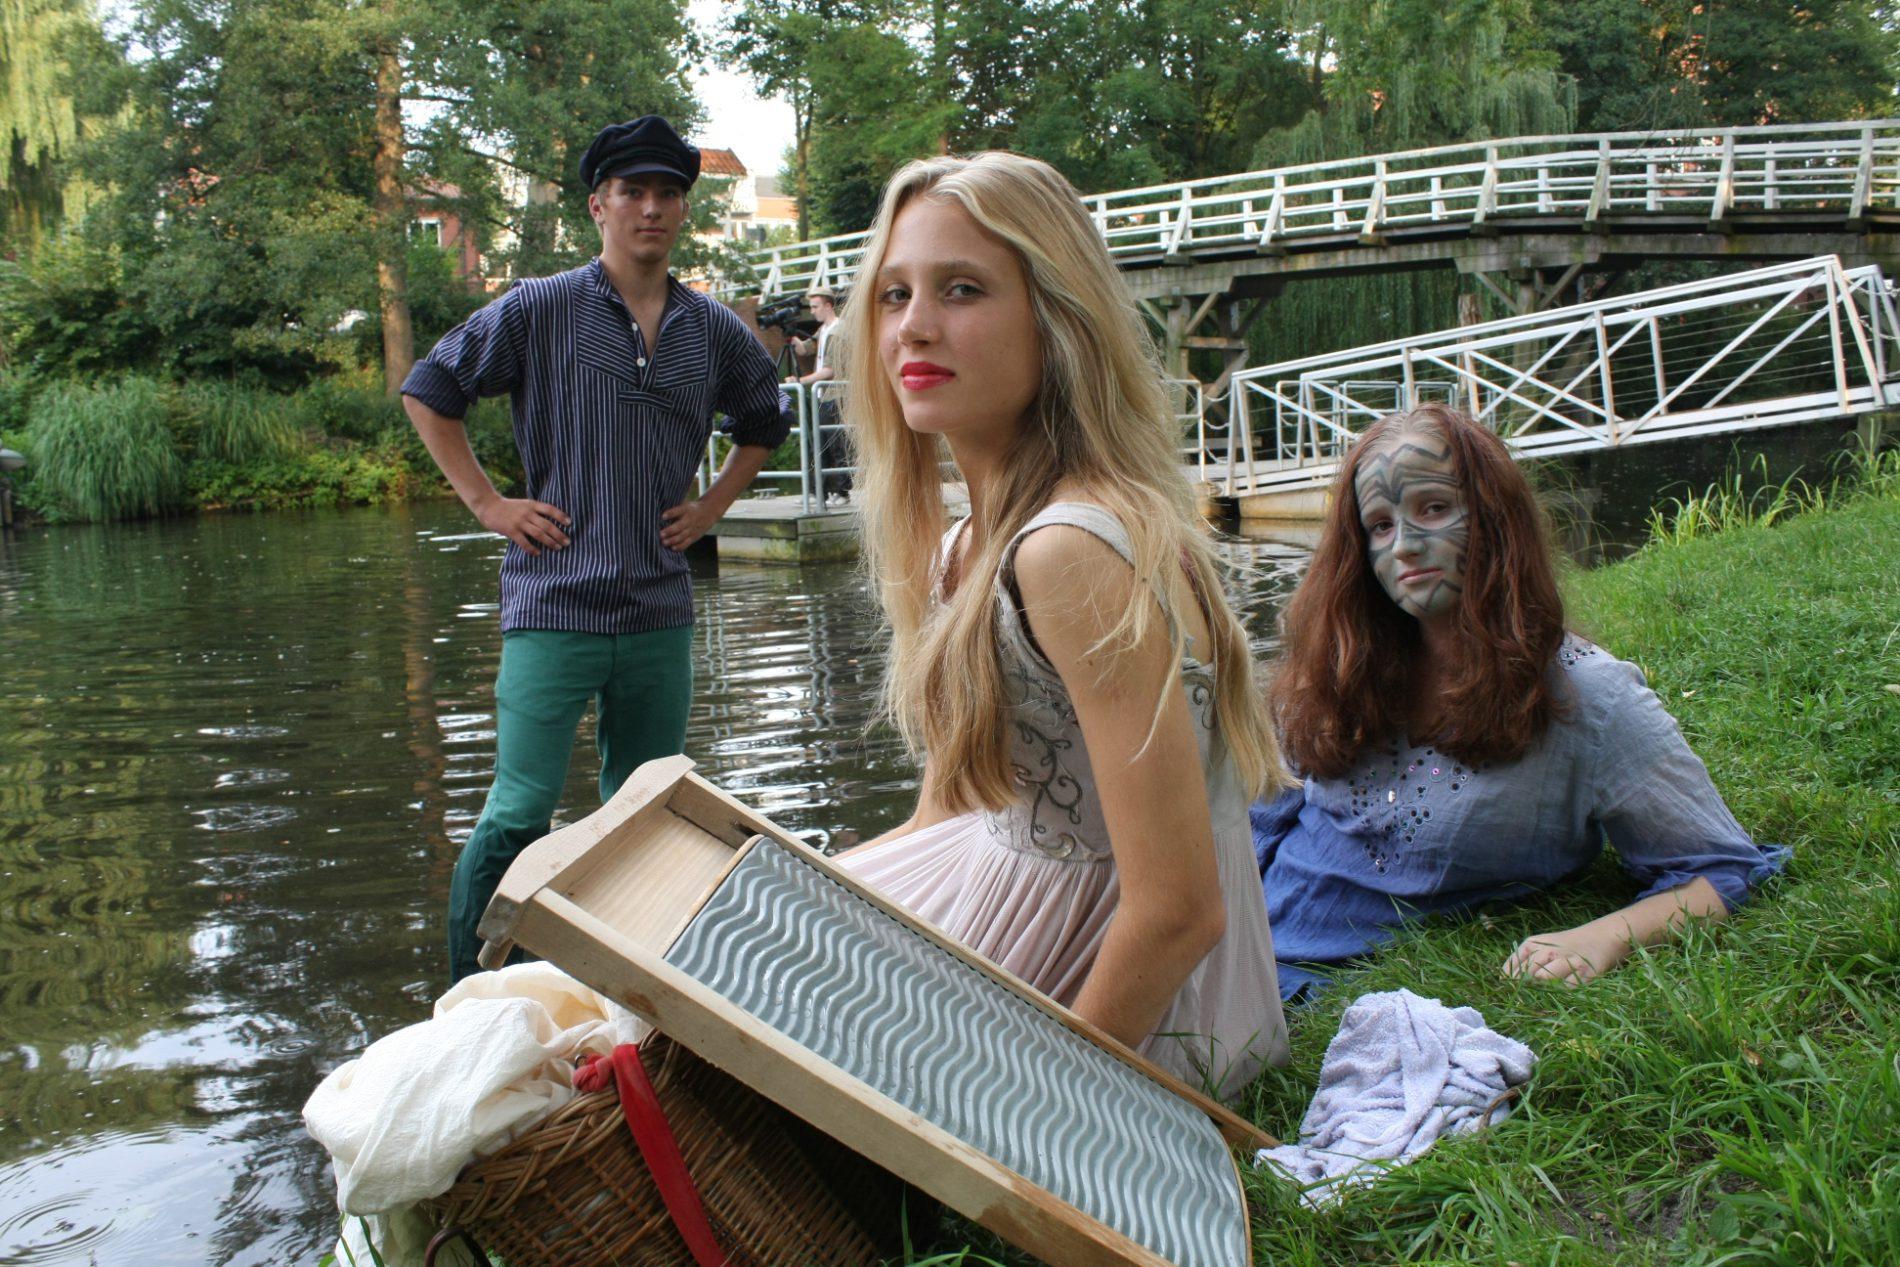 Das Foto zeigt eine blondes Mädchen vor einem Wasserlauf.